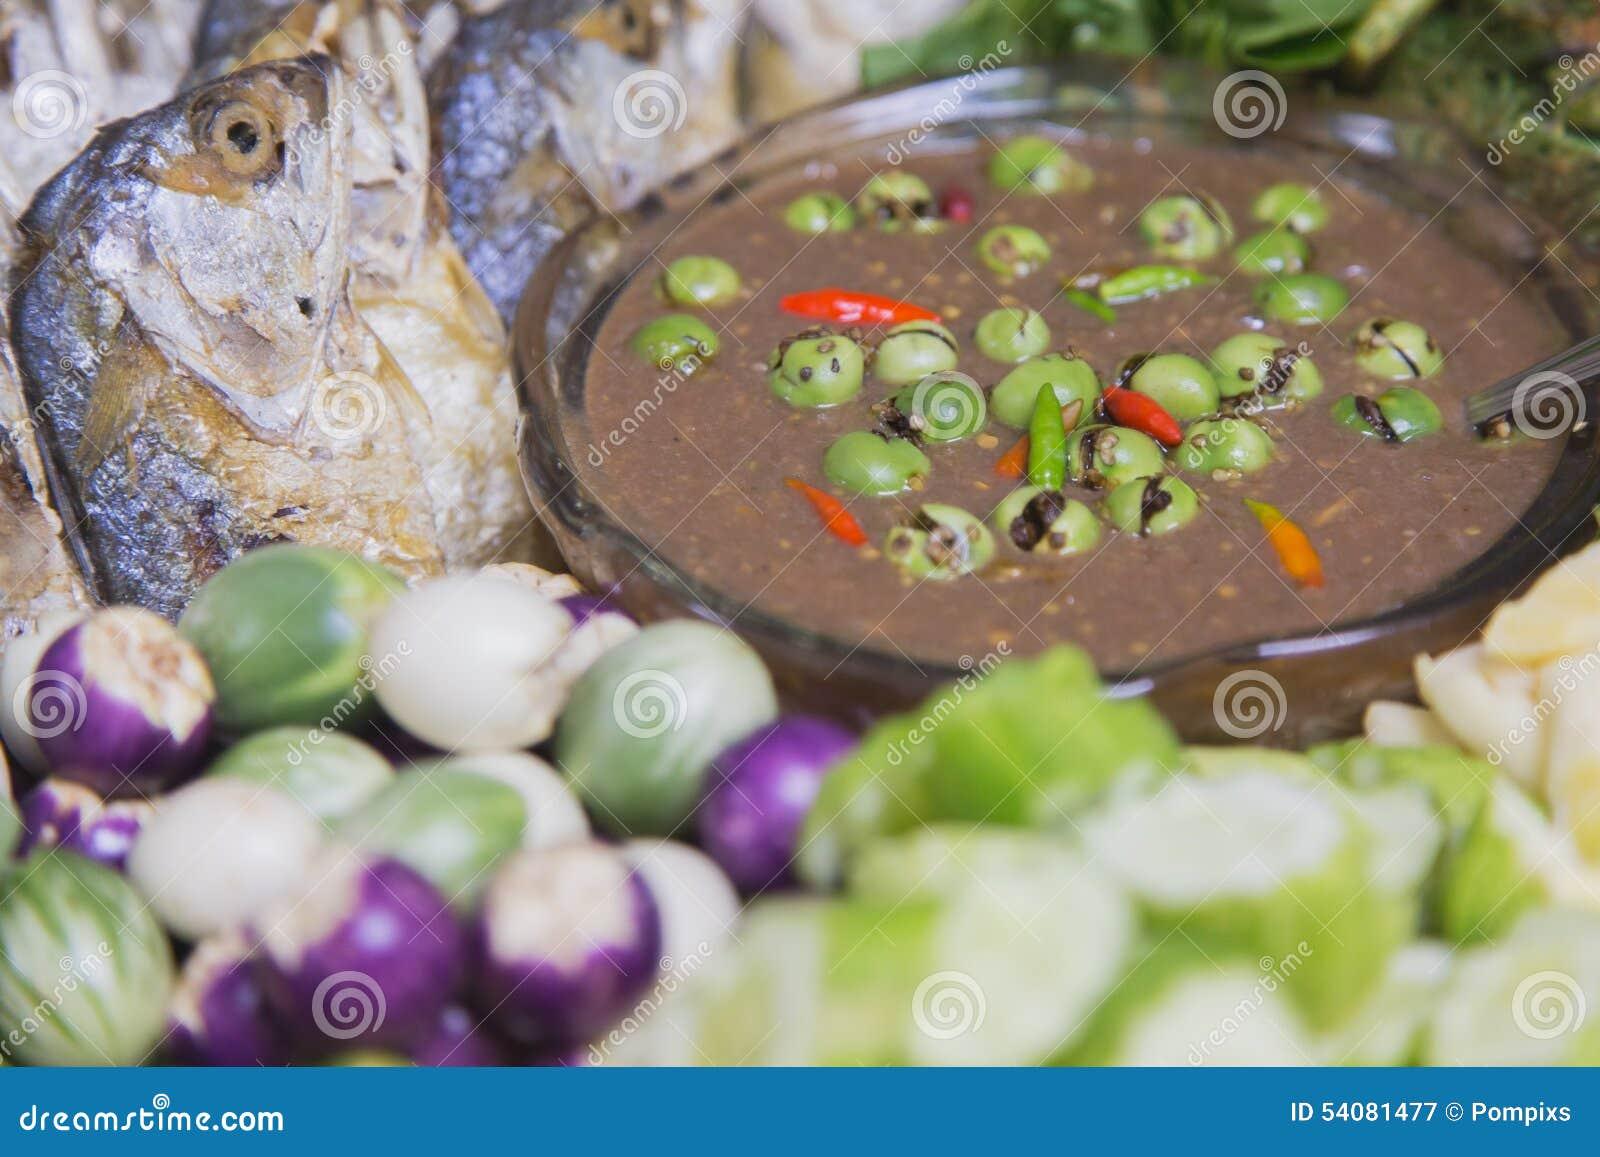 Verse groente met Geroosterde of gebraden makreel